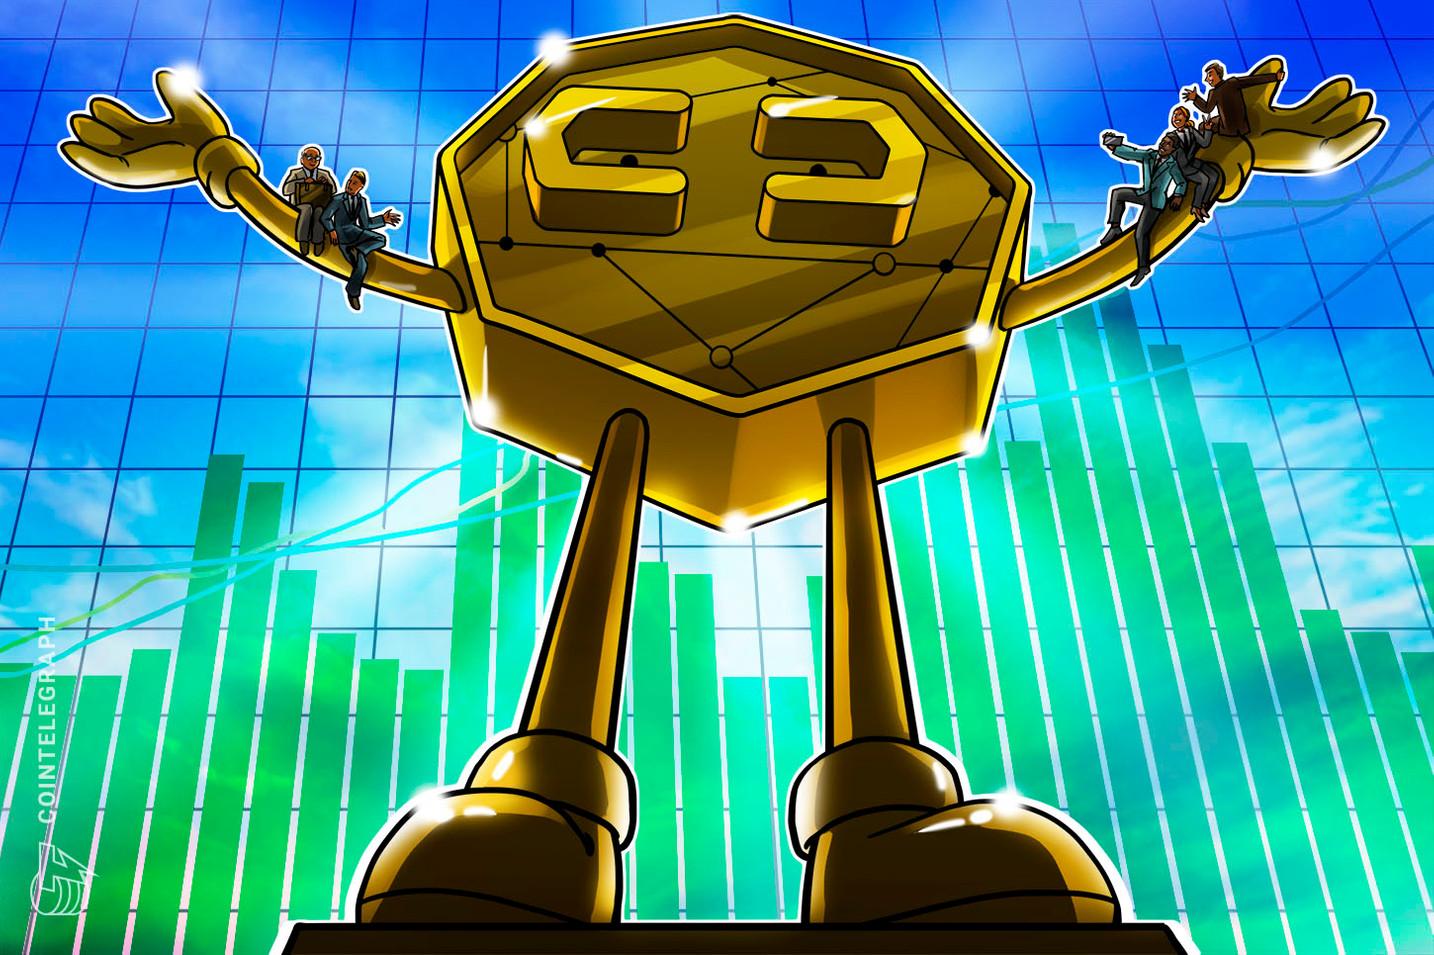 Schweizer Krypto-ETP-Firma: 1 Mrd. US-Dollar an verwaltetem Vermögen